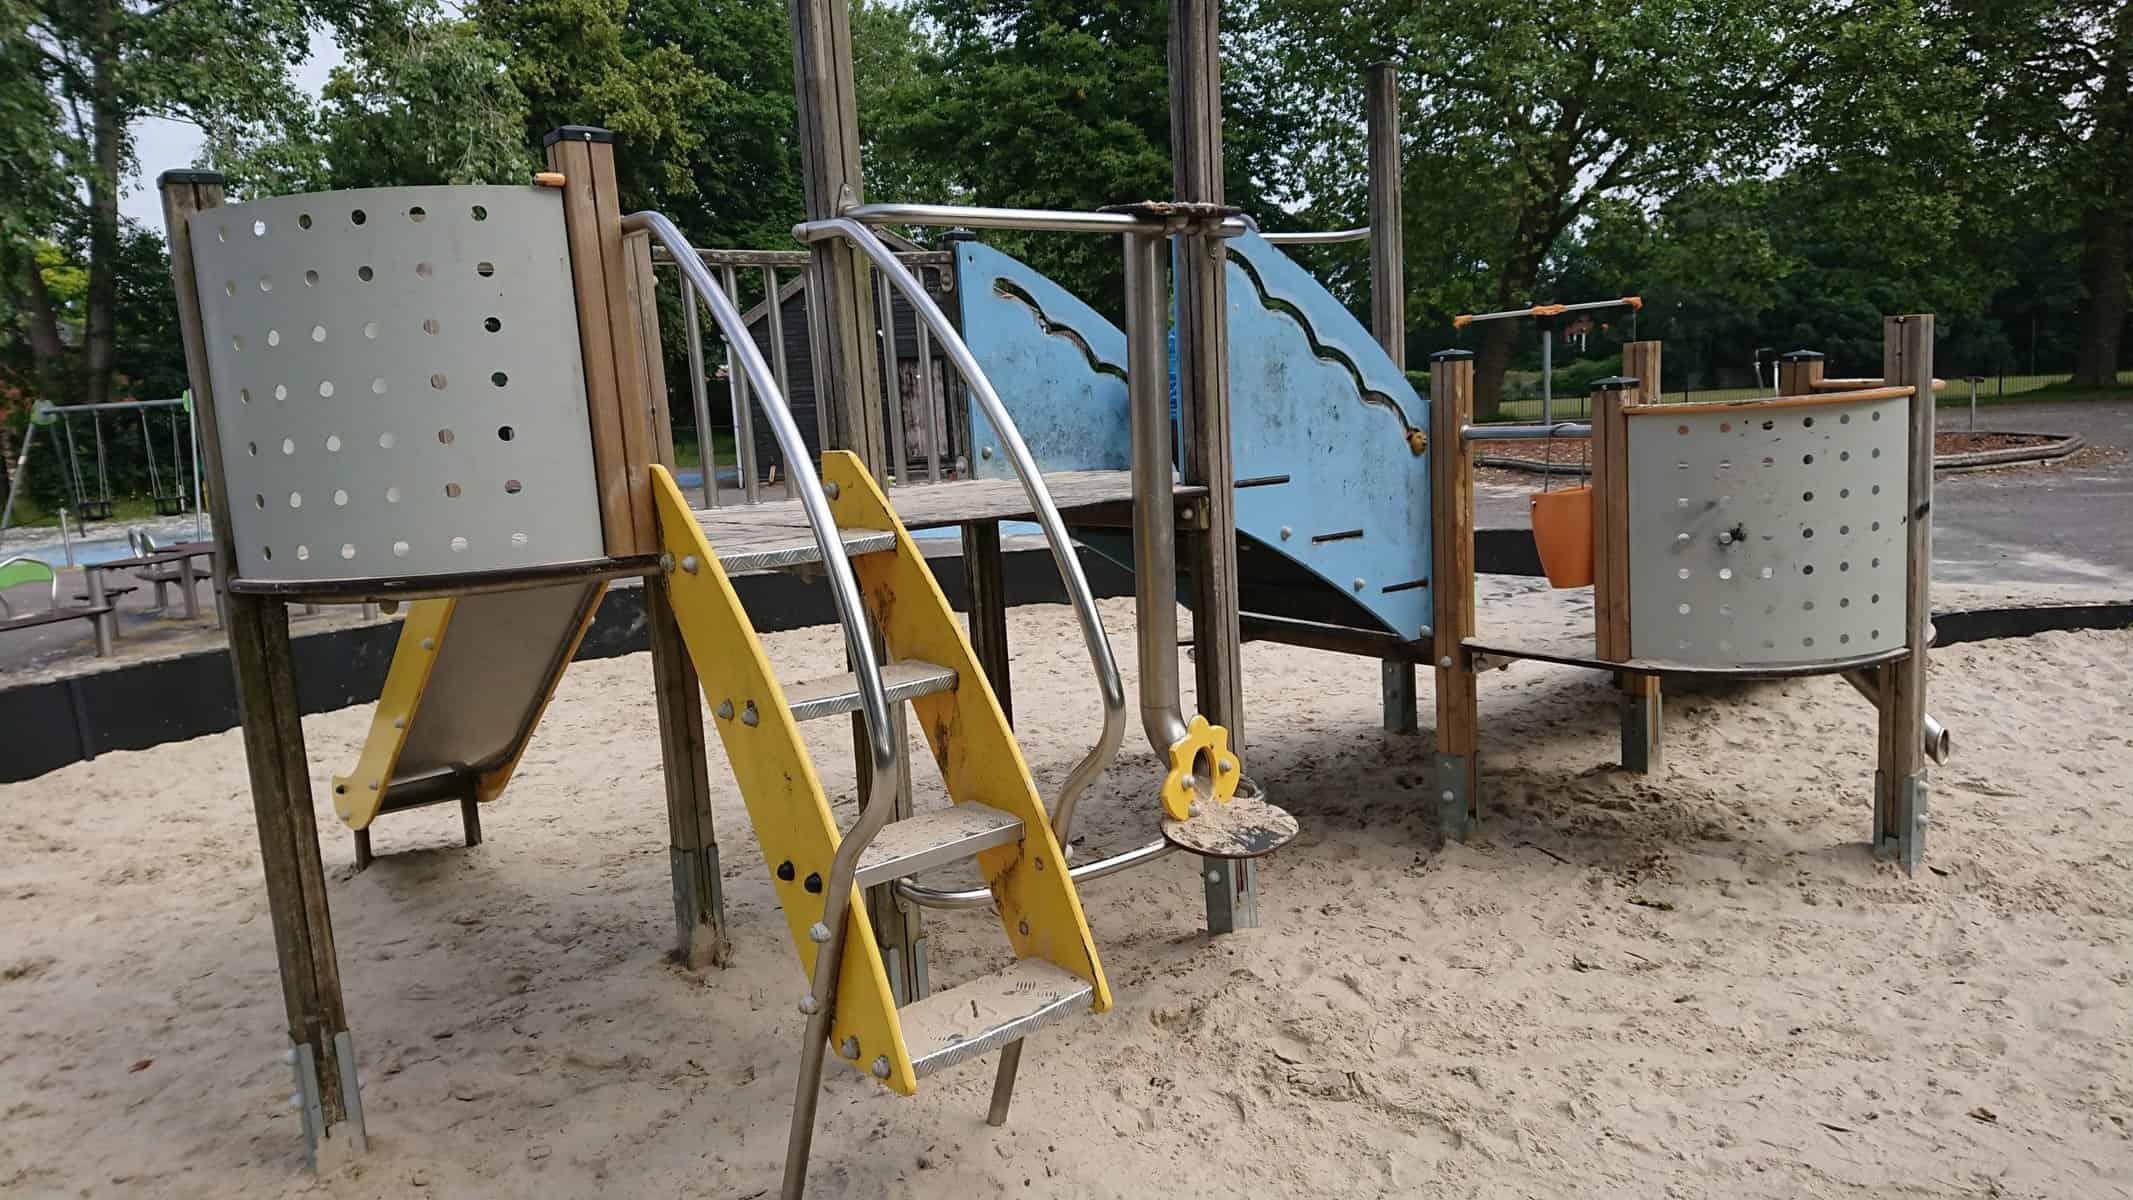 Queens Road Recreation Ground Playground